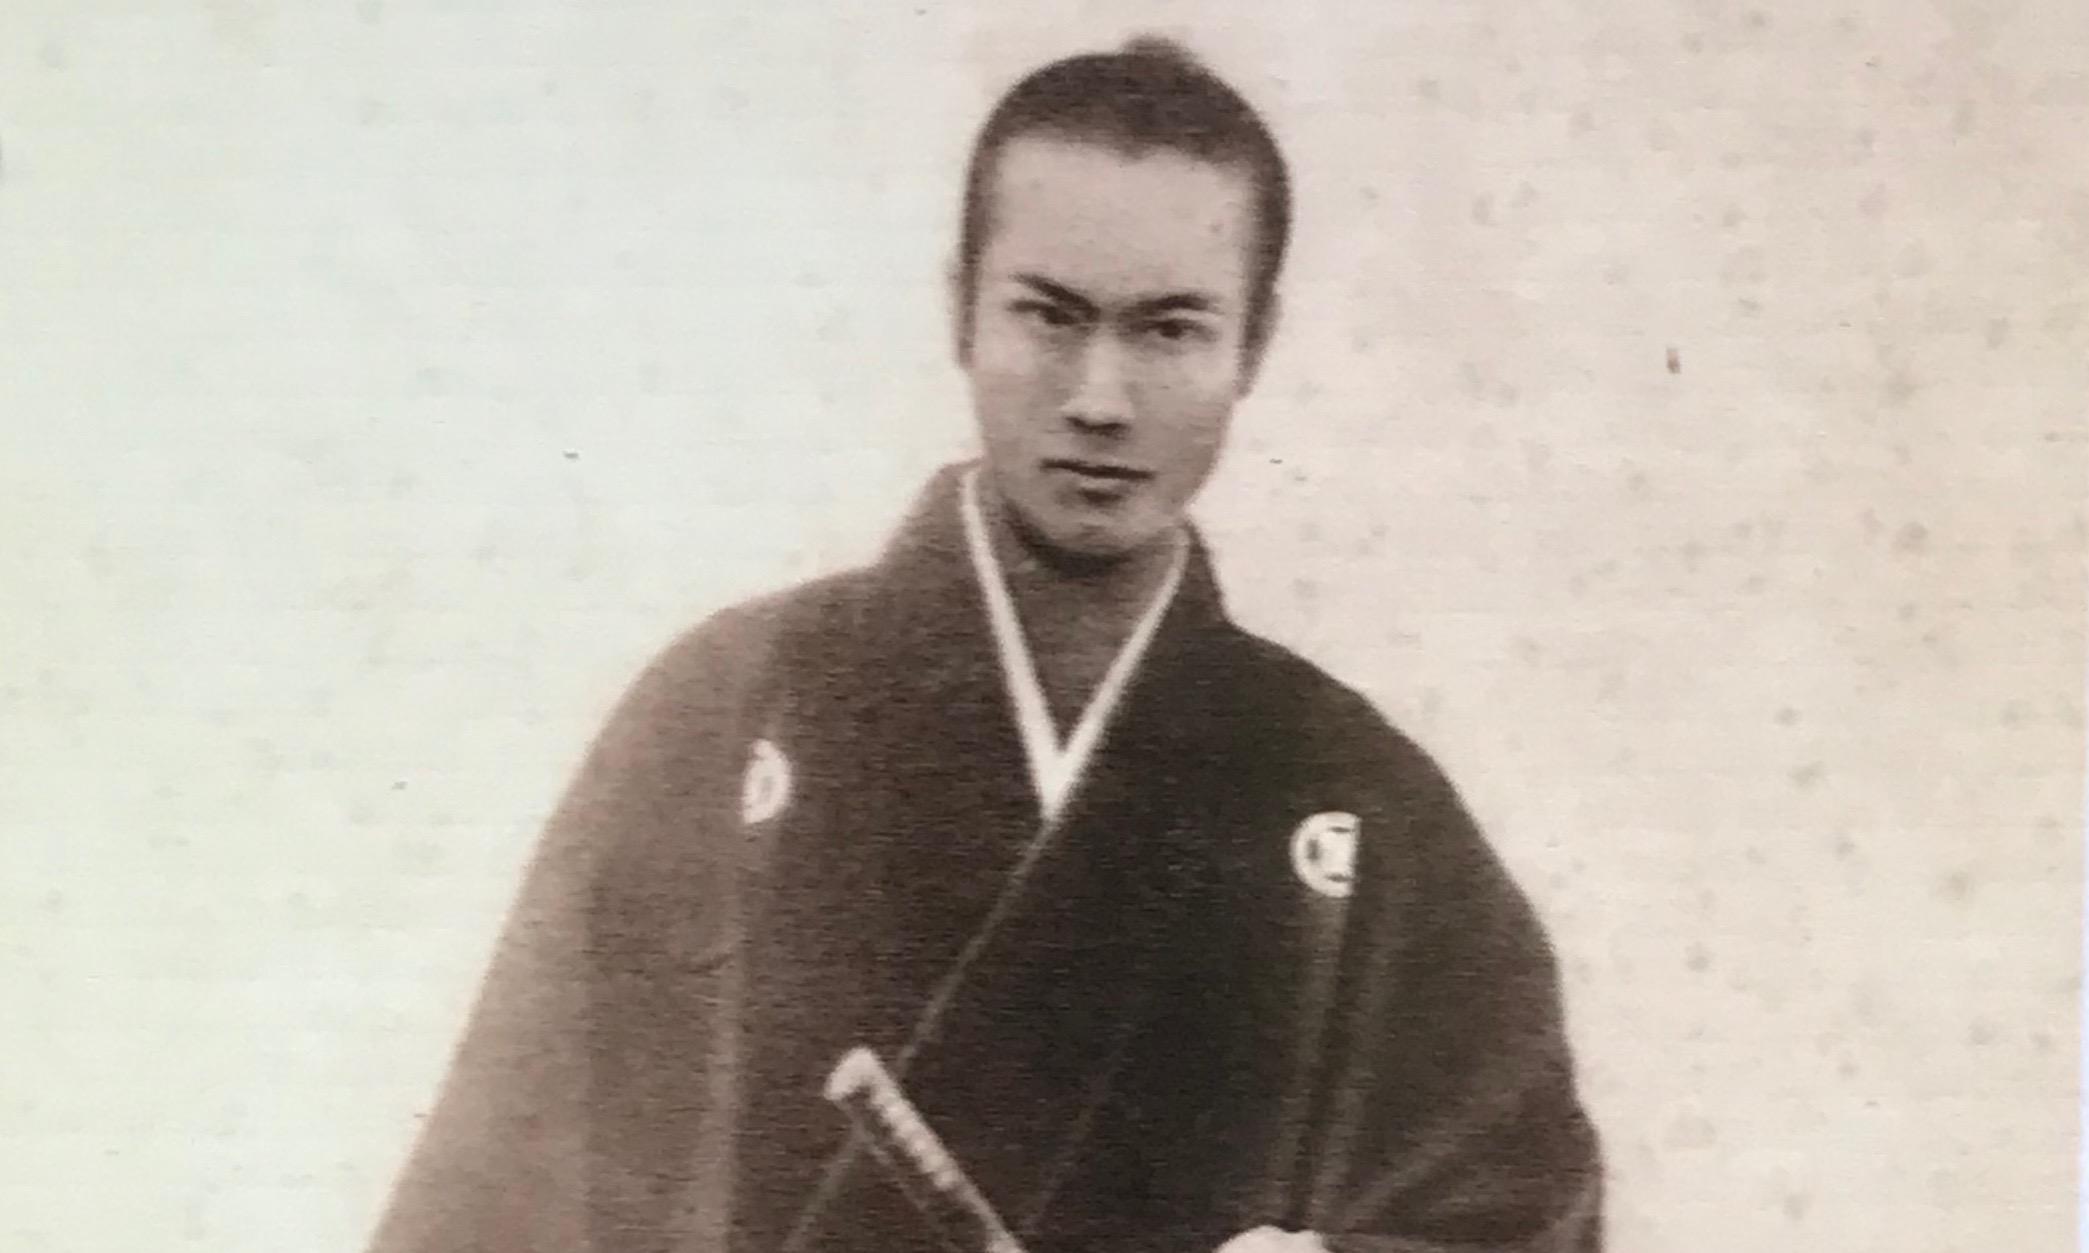 幕末のイケメン!埼玉出身・渋沢平九郎はなぜ20歳で自決したのか ...